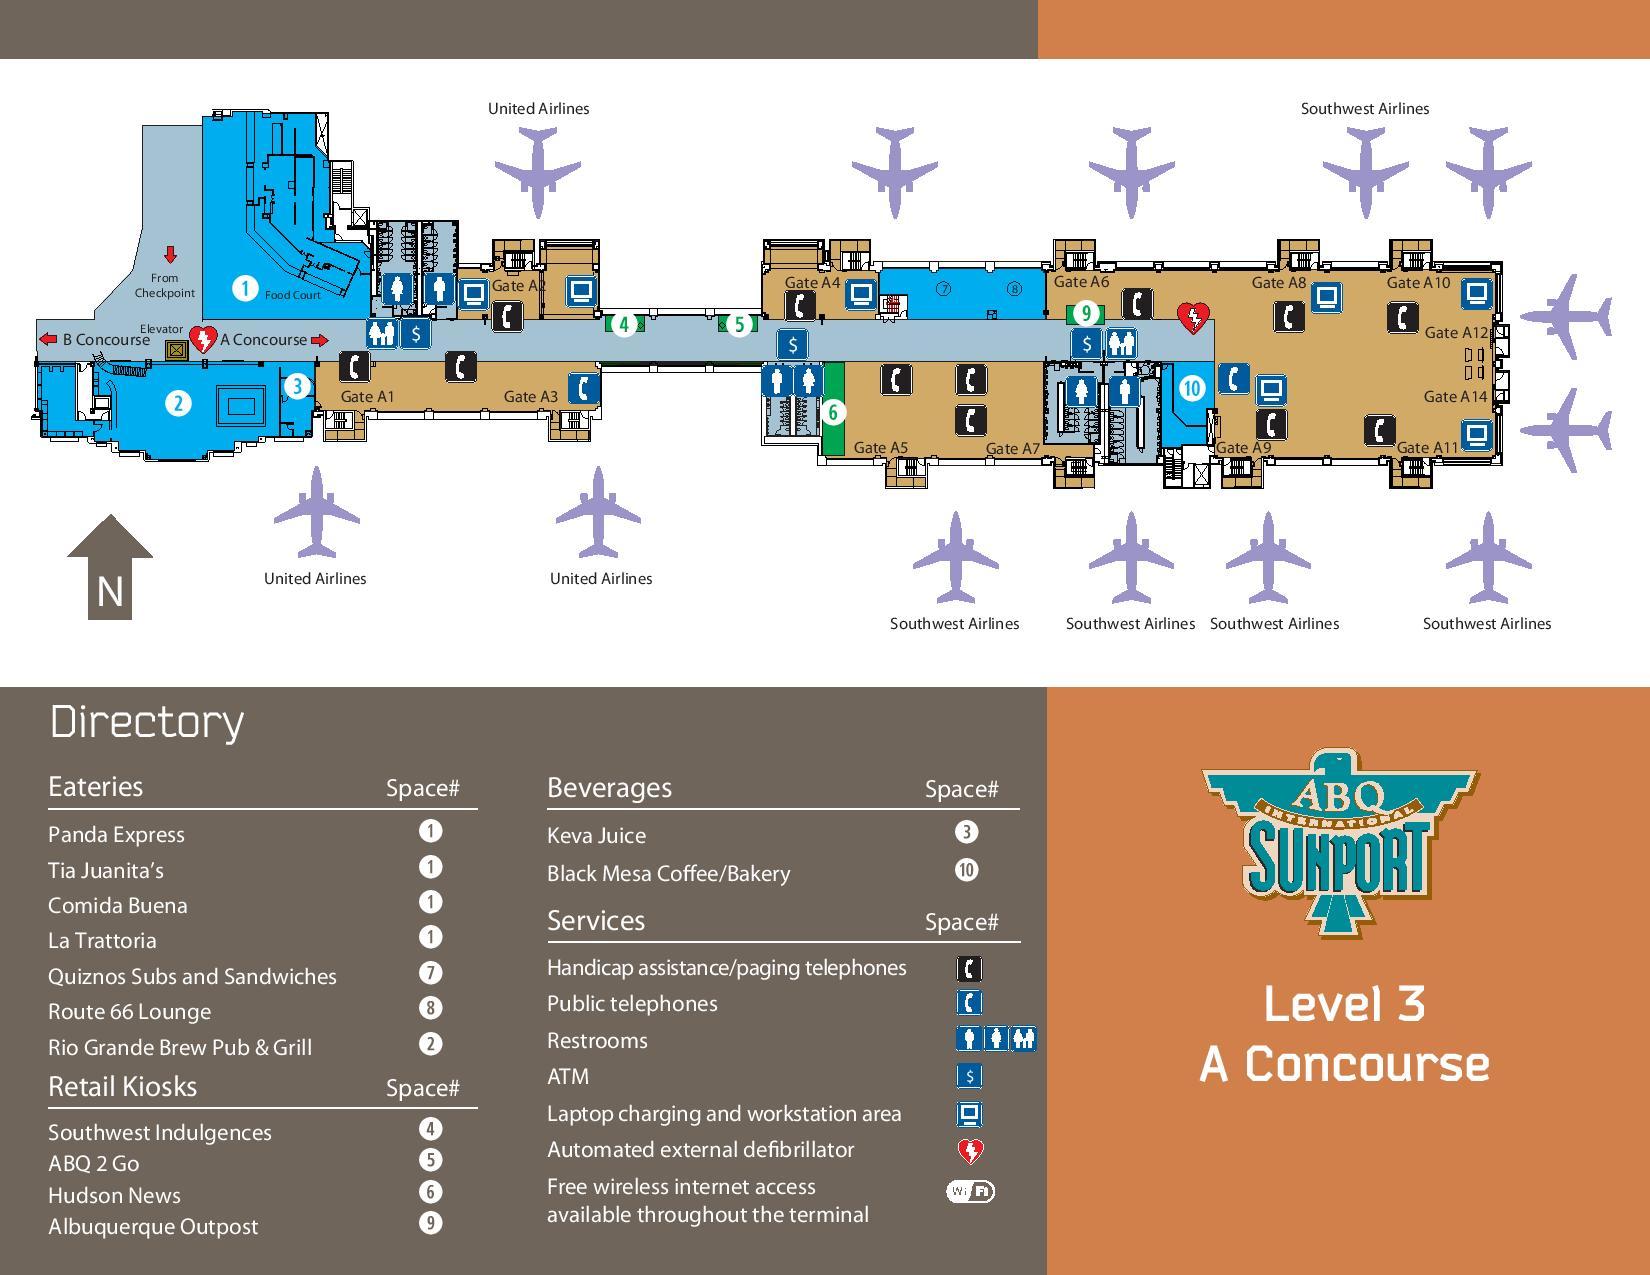 Mapa de la zona de control pre embarque del aeropuerto de Albuquerque